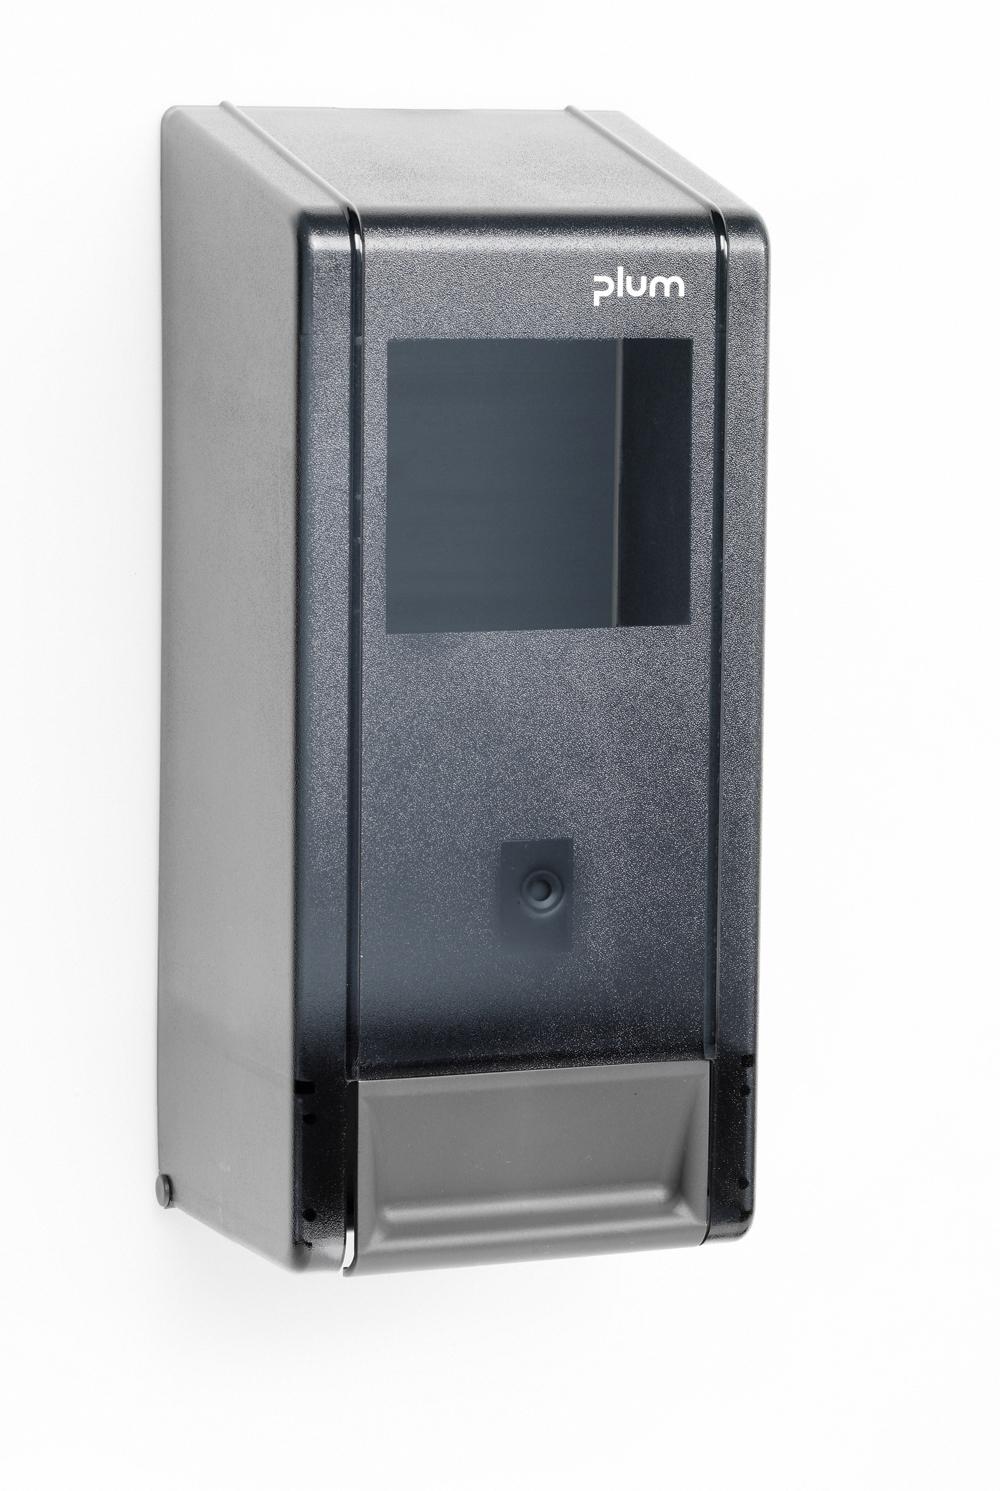 Image of   Dispenser Plum MP 2000 modul 1